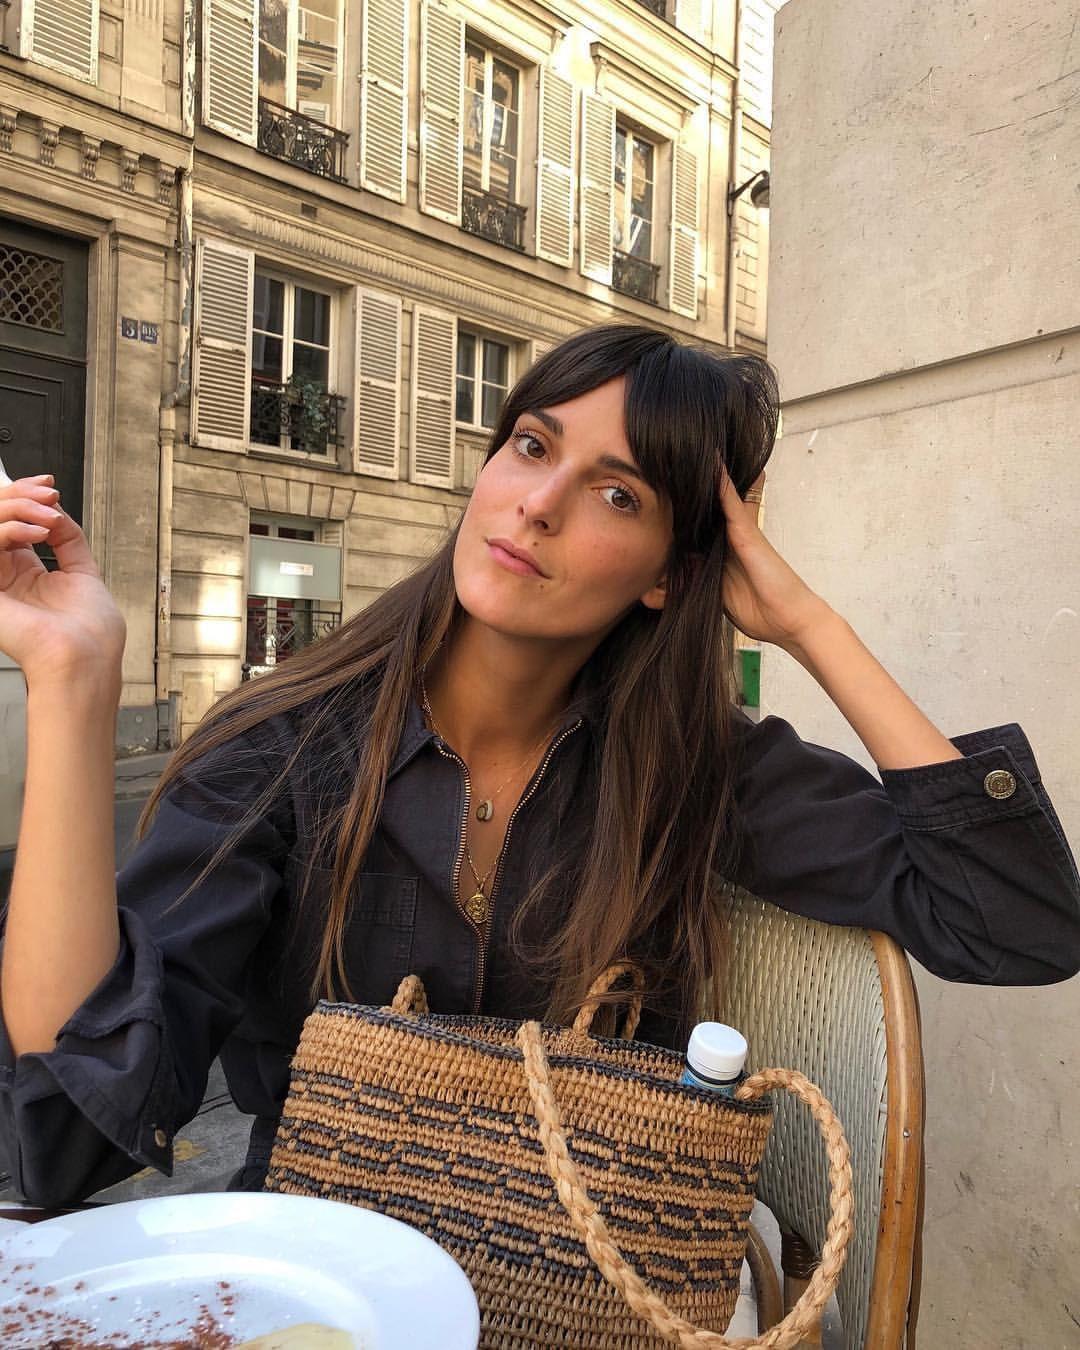 типичная французская внешность фото